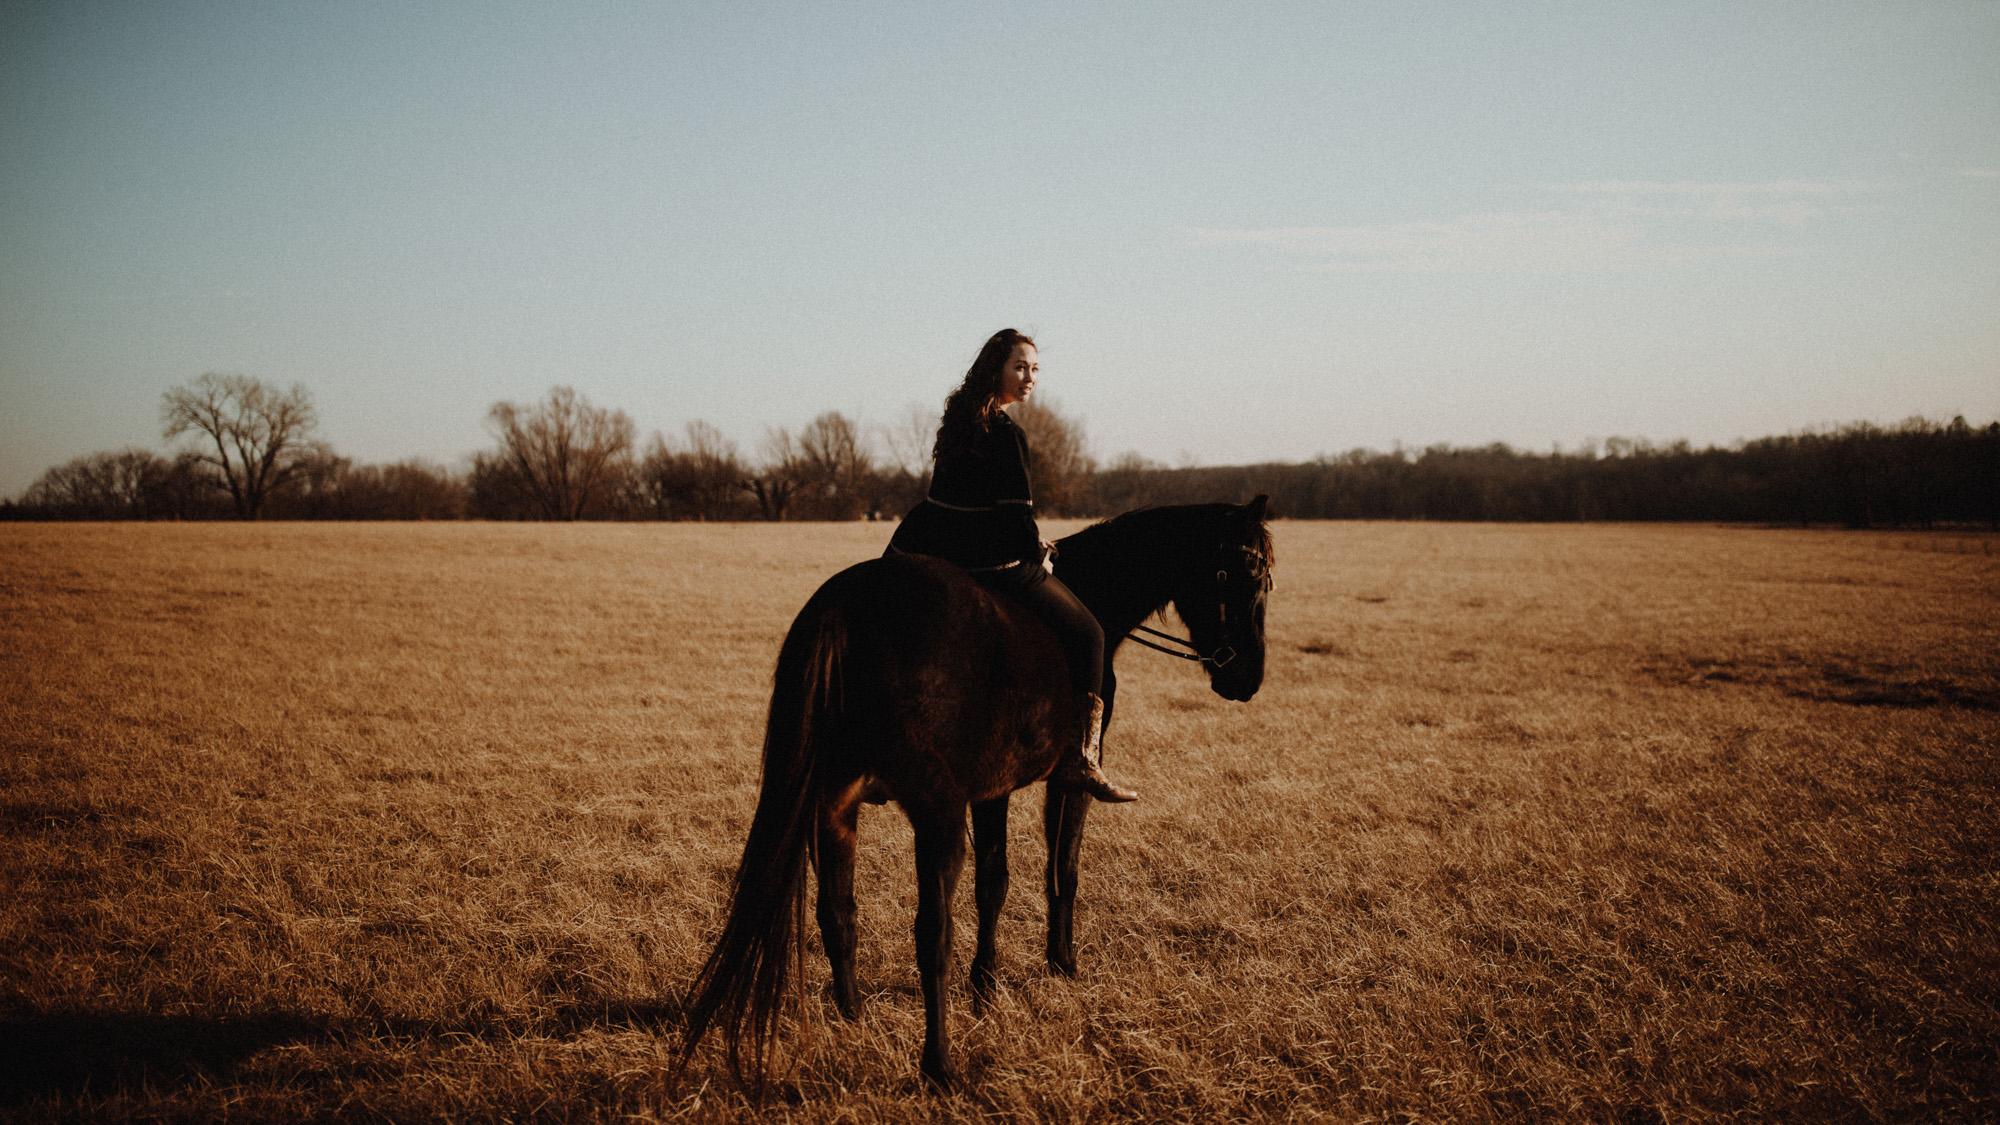 alec_vanderboom_horses_online-0009.jpg